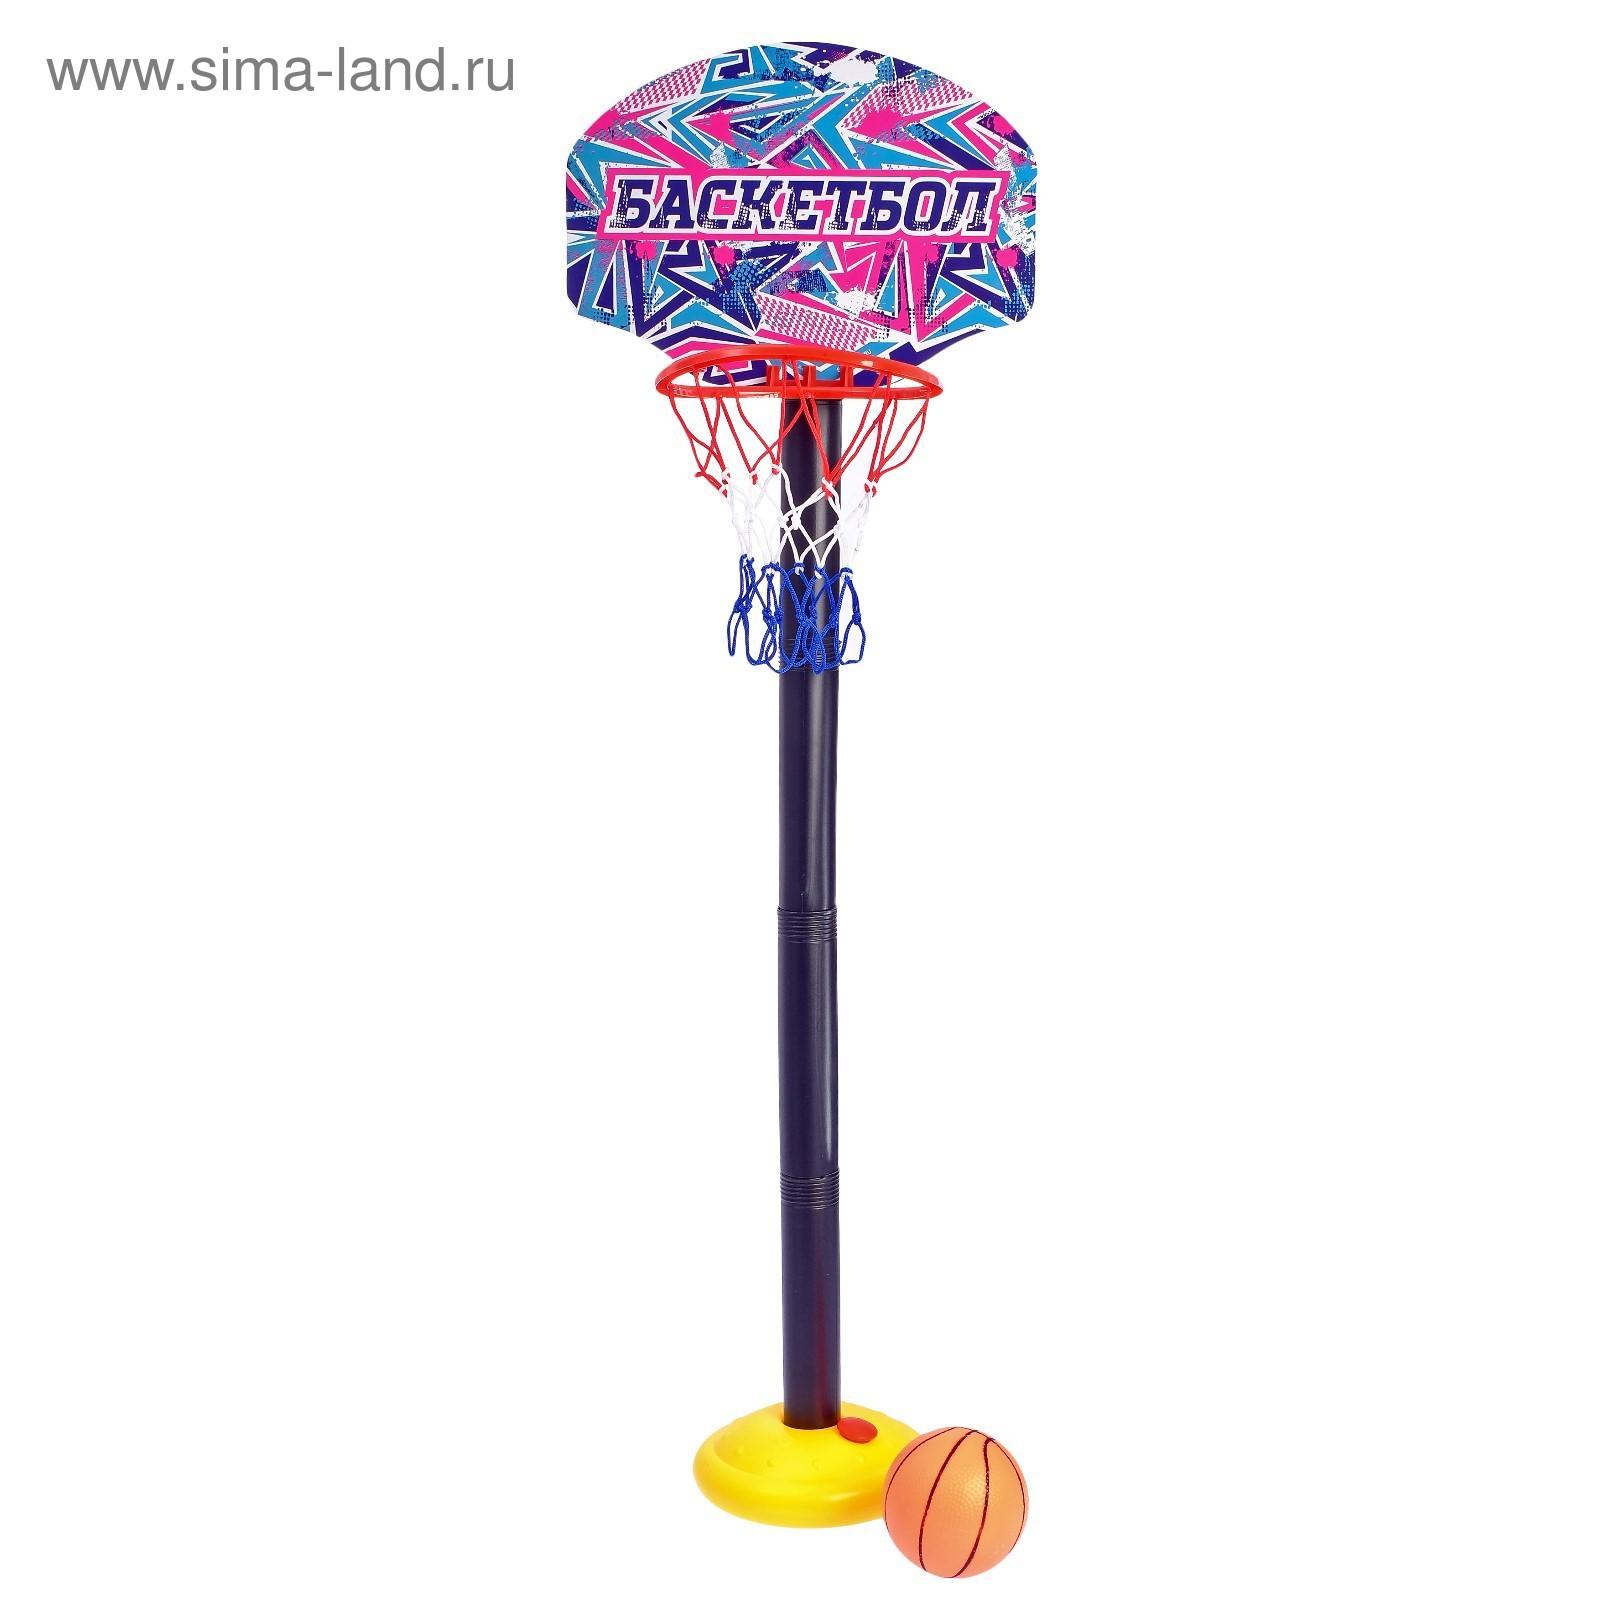 7f85e2e5 Игровой набор для баскетбола